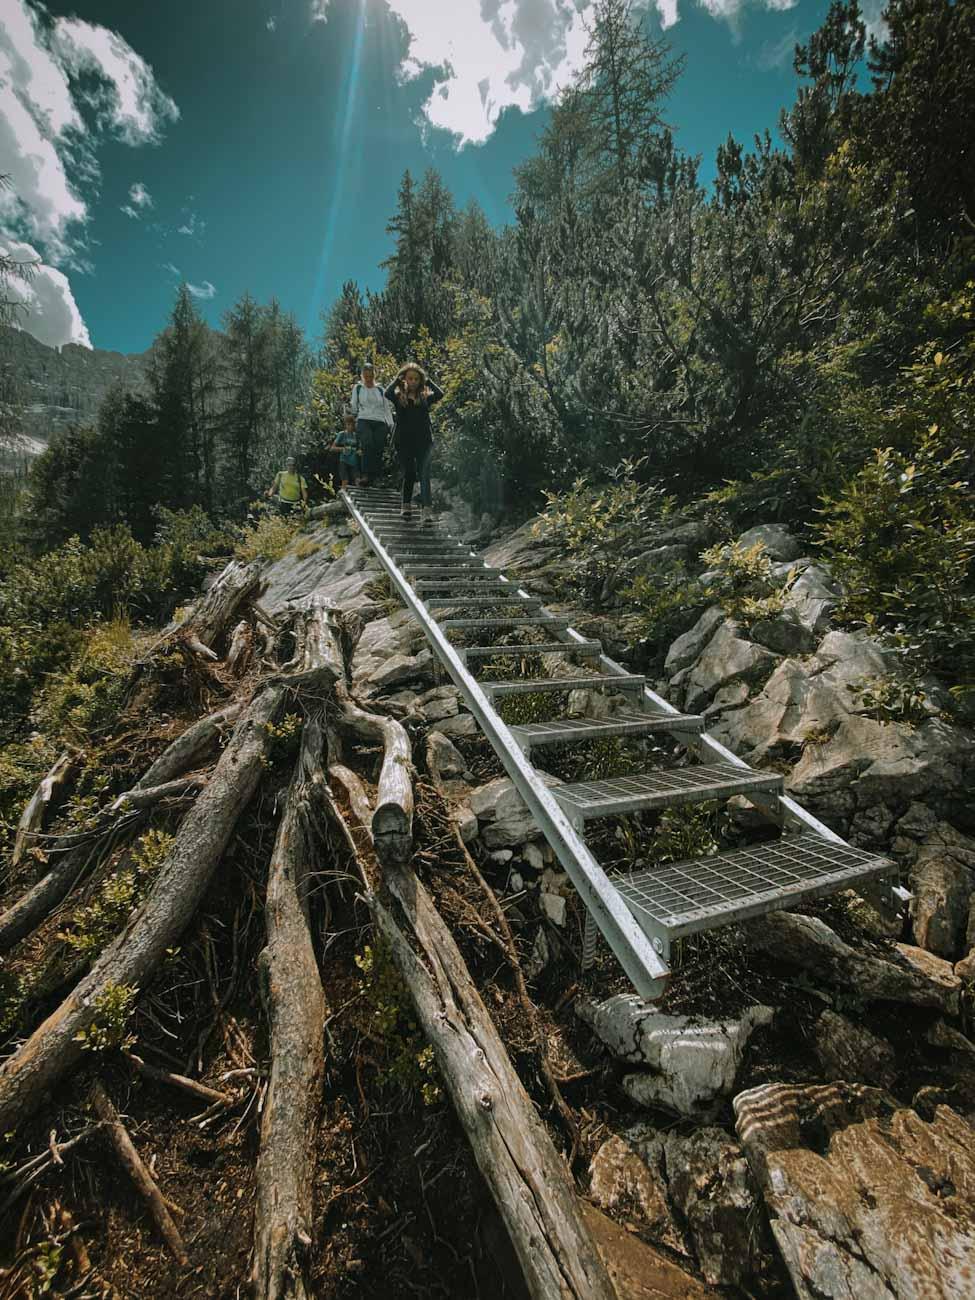 szlak 215, trekking w dolomitach nad jezioro Sorapis schody na szlaku w górach